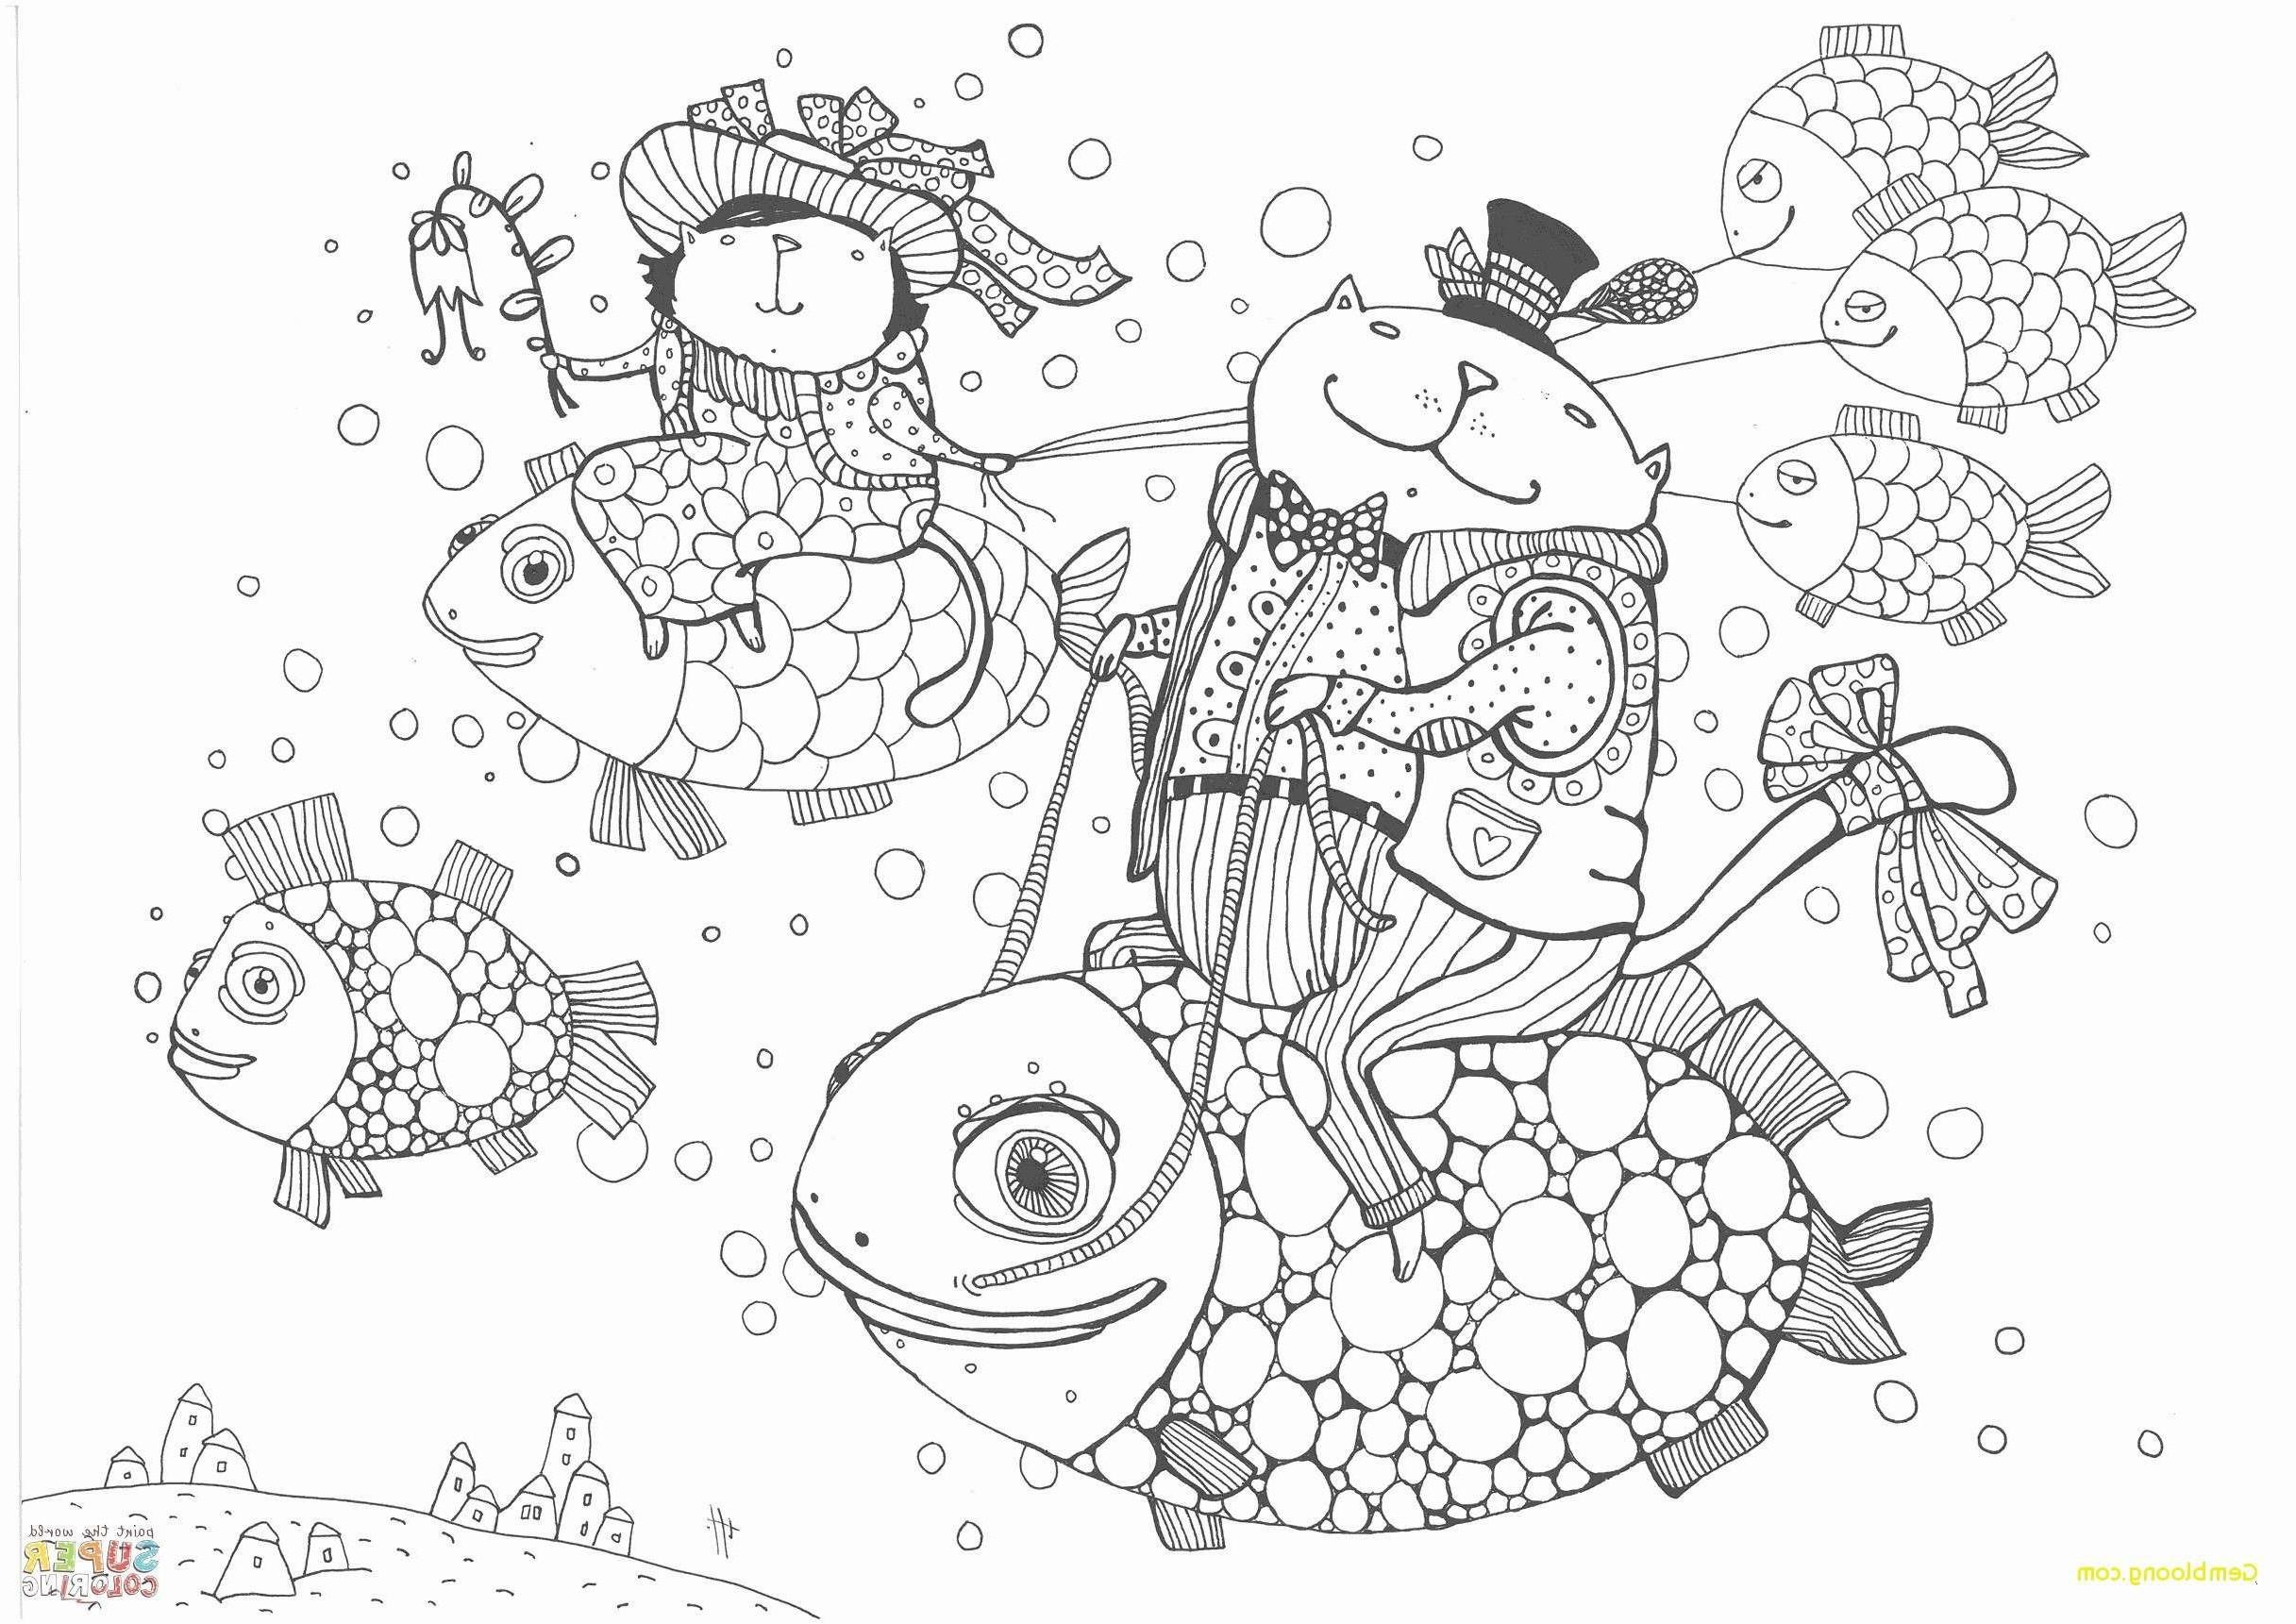 Weihnachtsbilder Zum Ausmalen Inspirierend 33 Beste Von Ausmal – Malvorlagen Ideen Bild